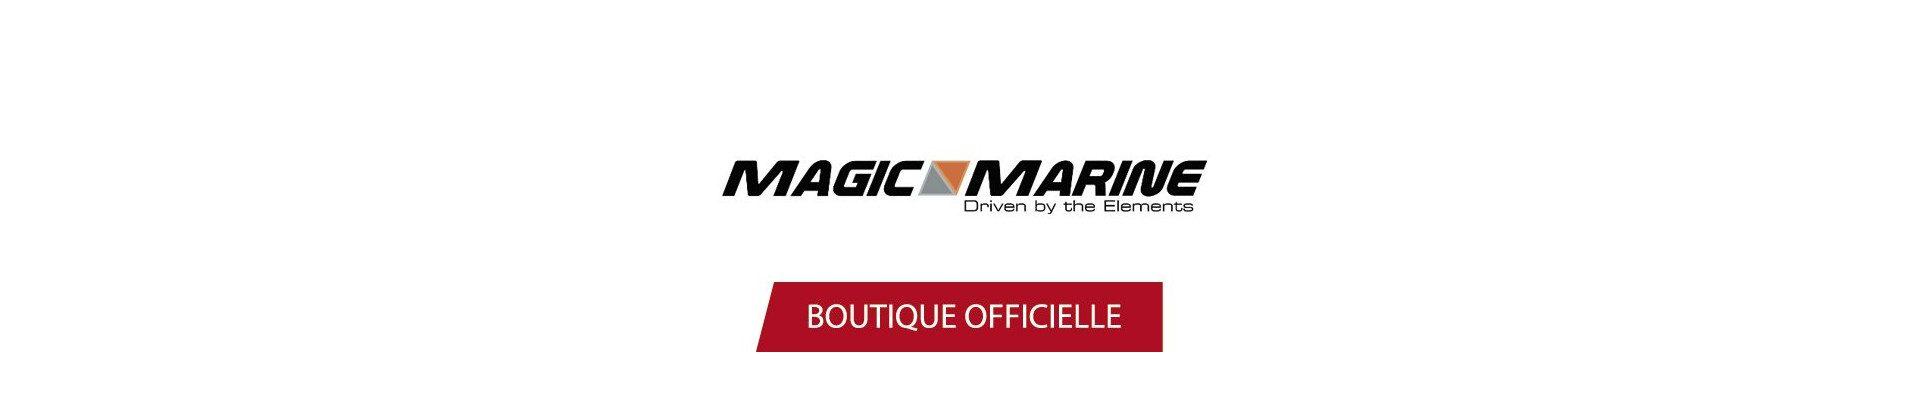 Accessoires Magic Marine